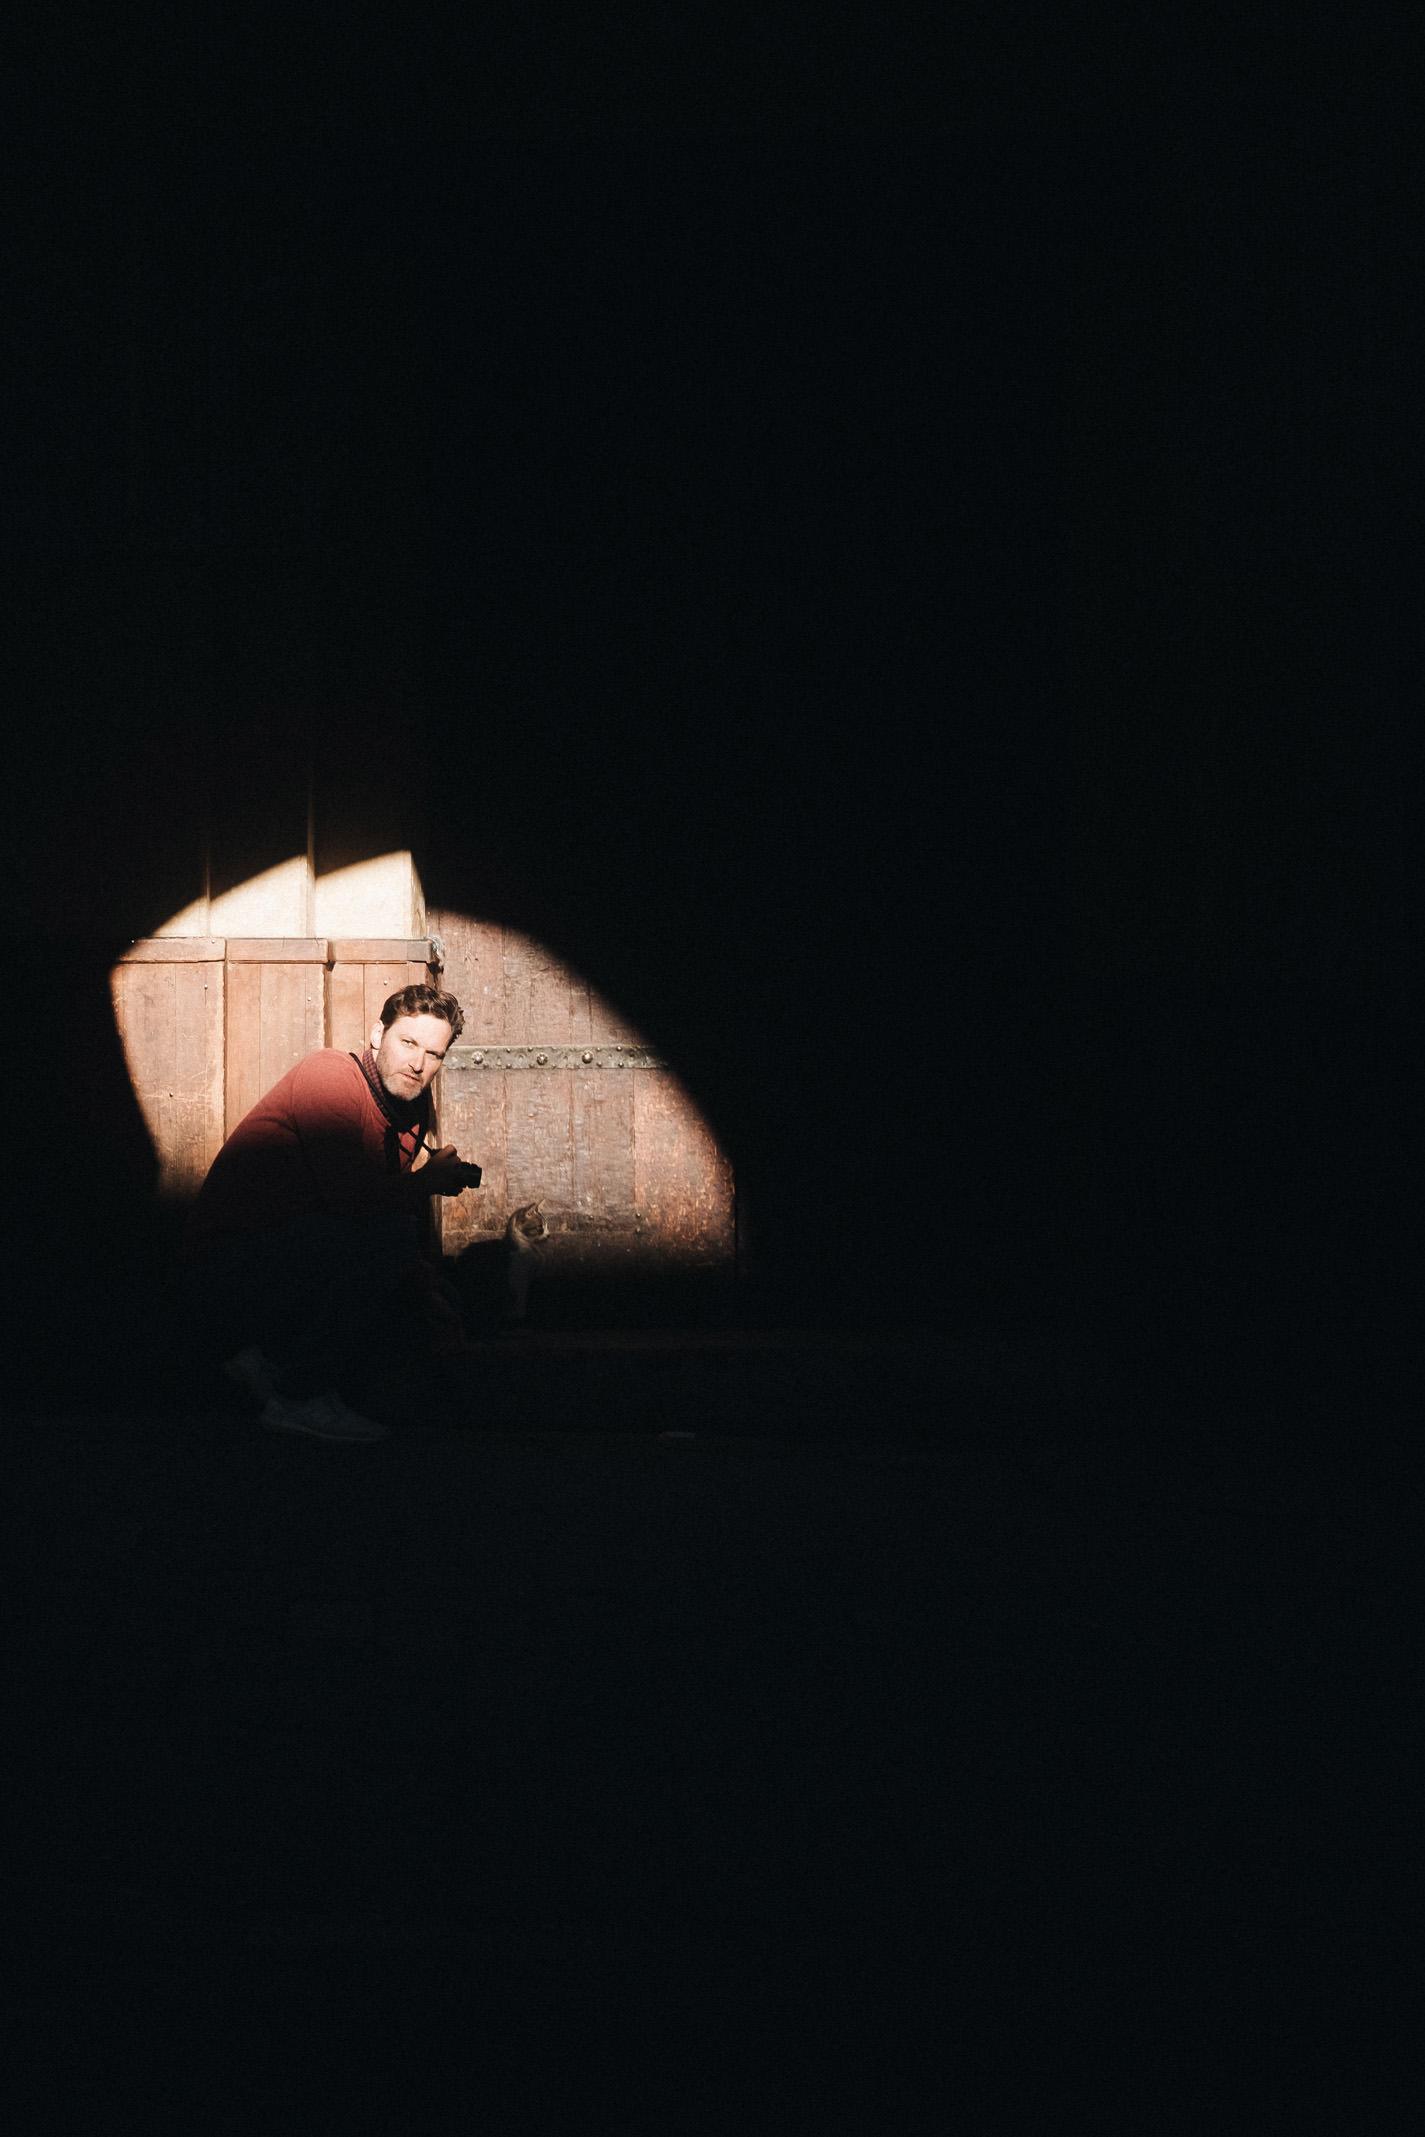 Julian-Beekmann-Fotografie.jpg